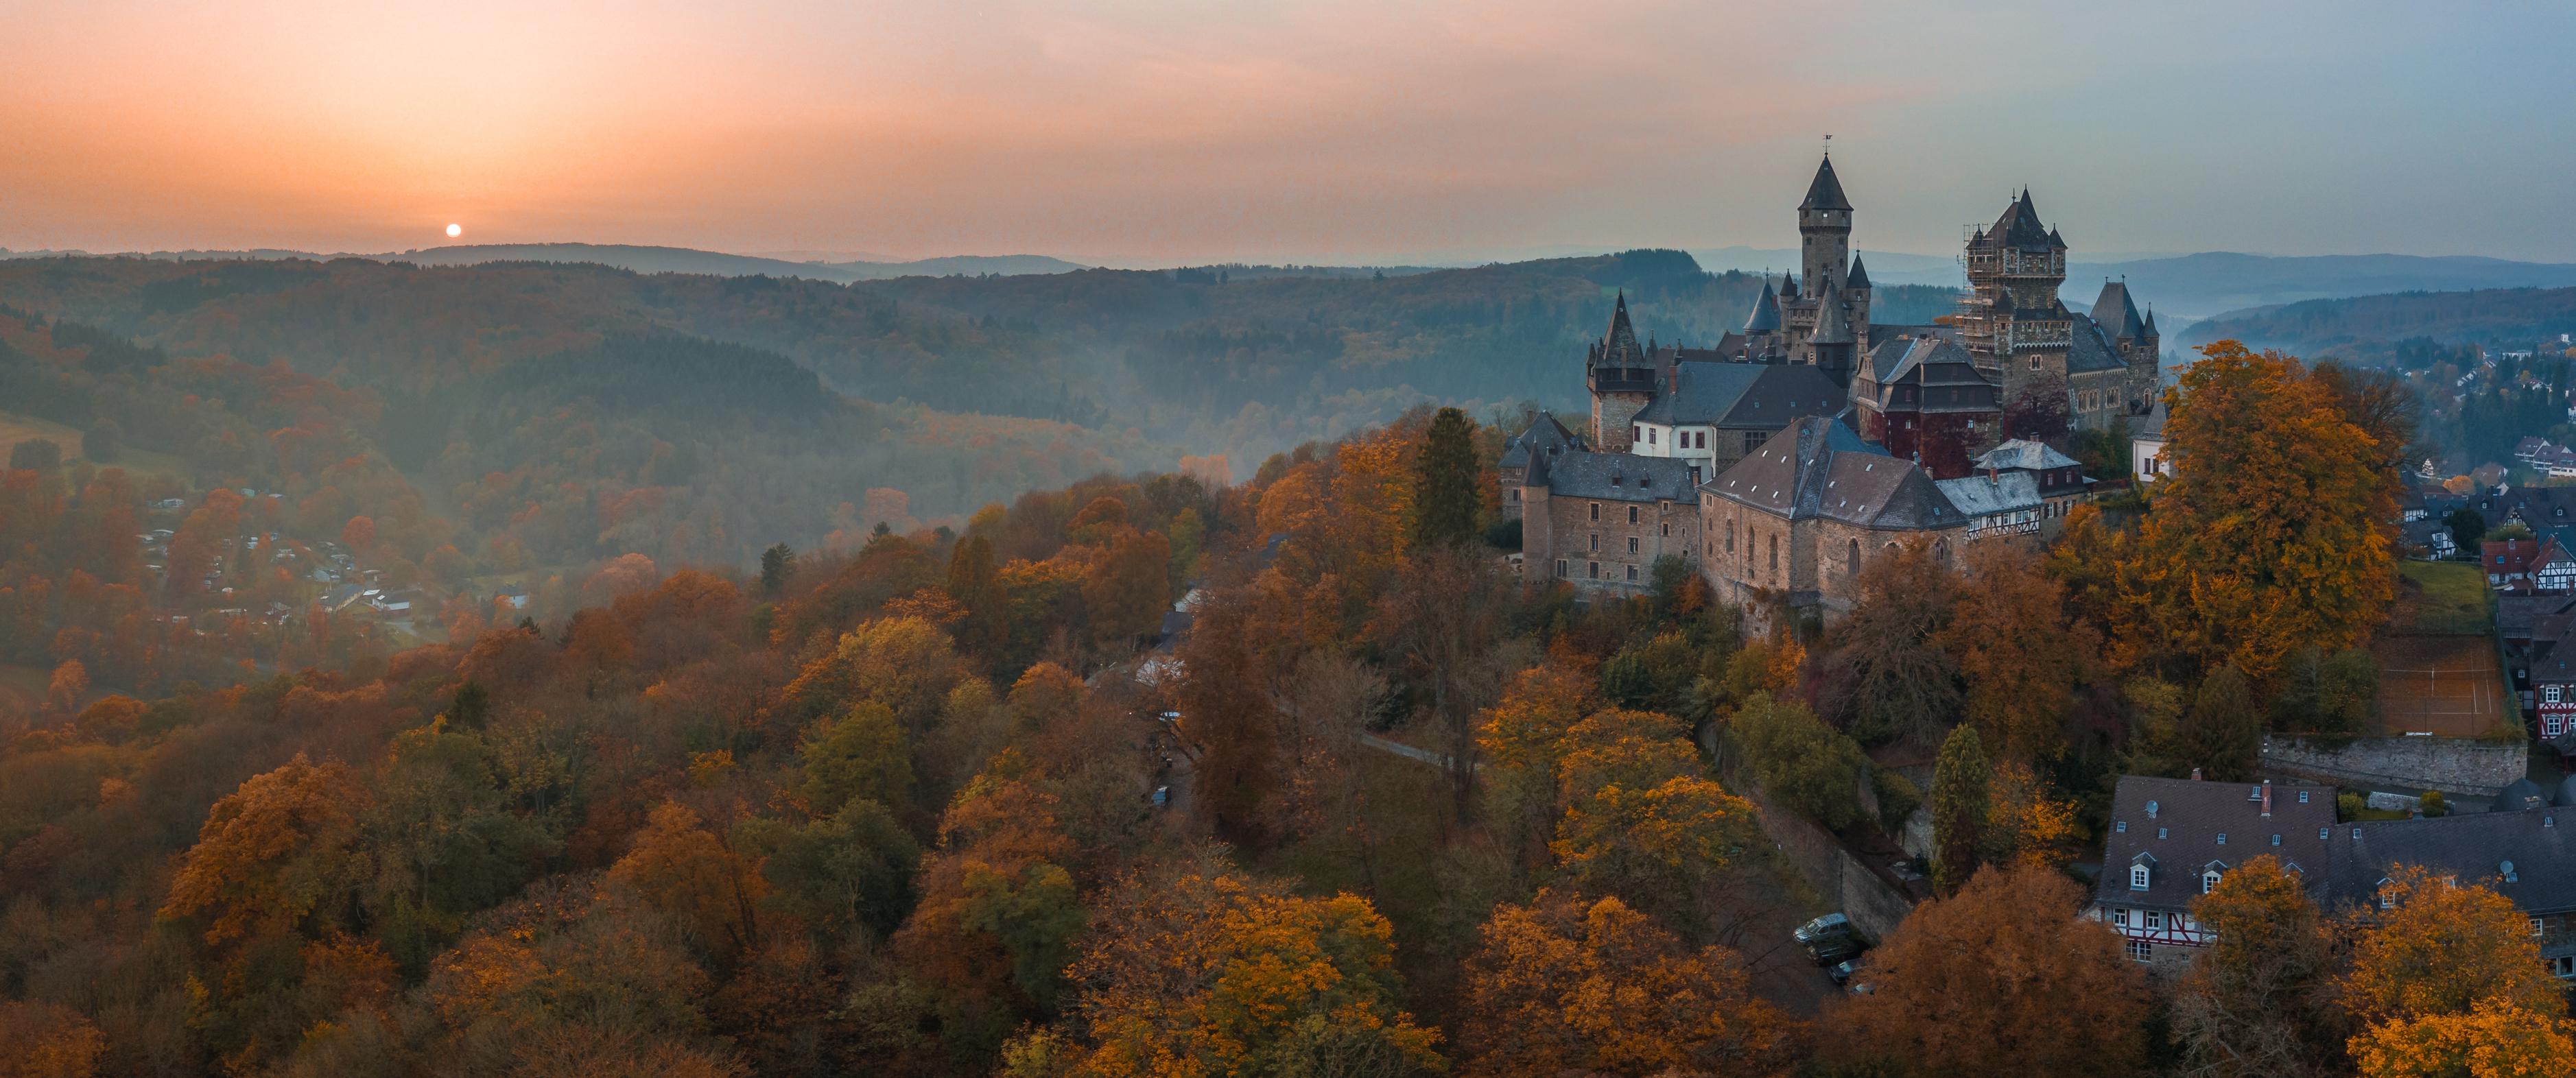 Braunfelser Schloss